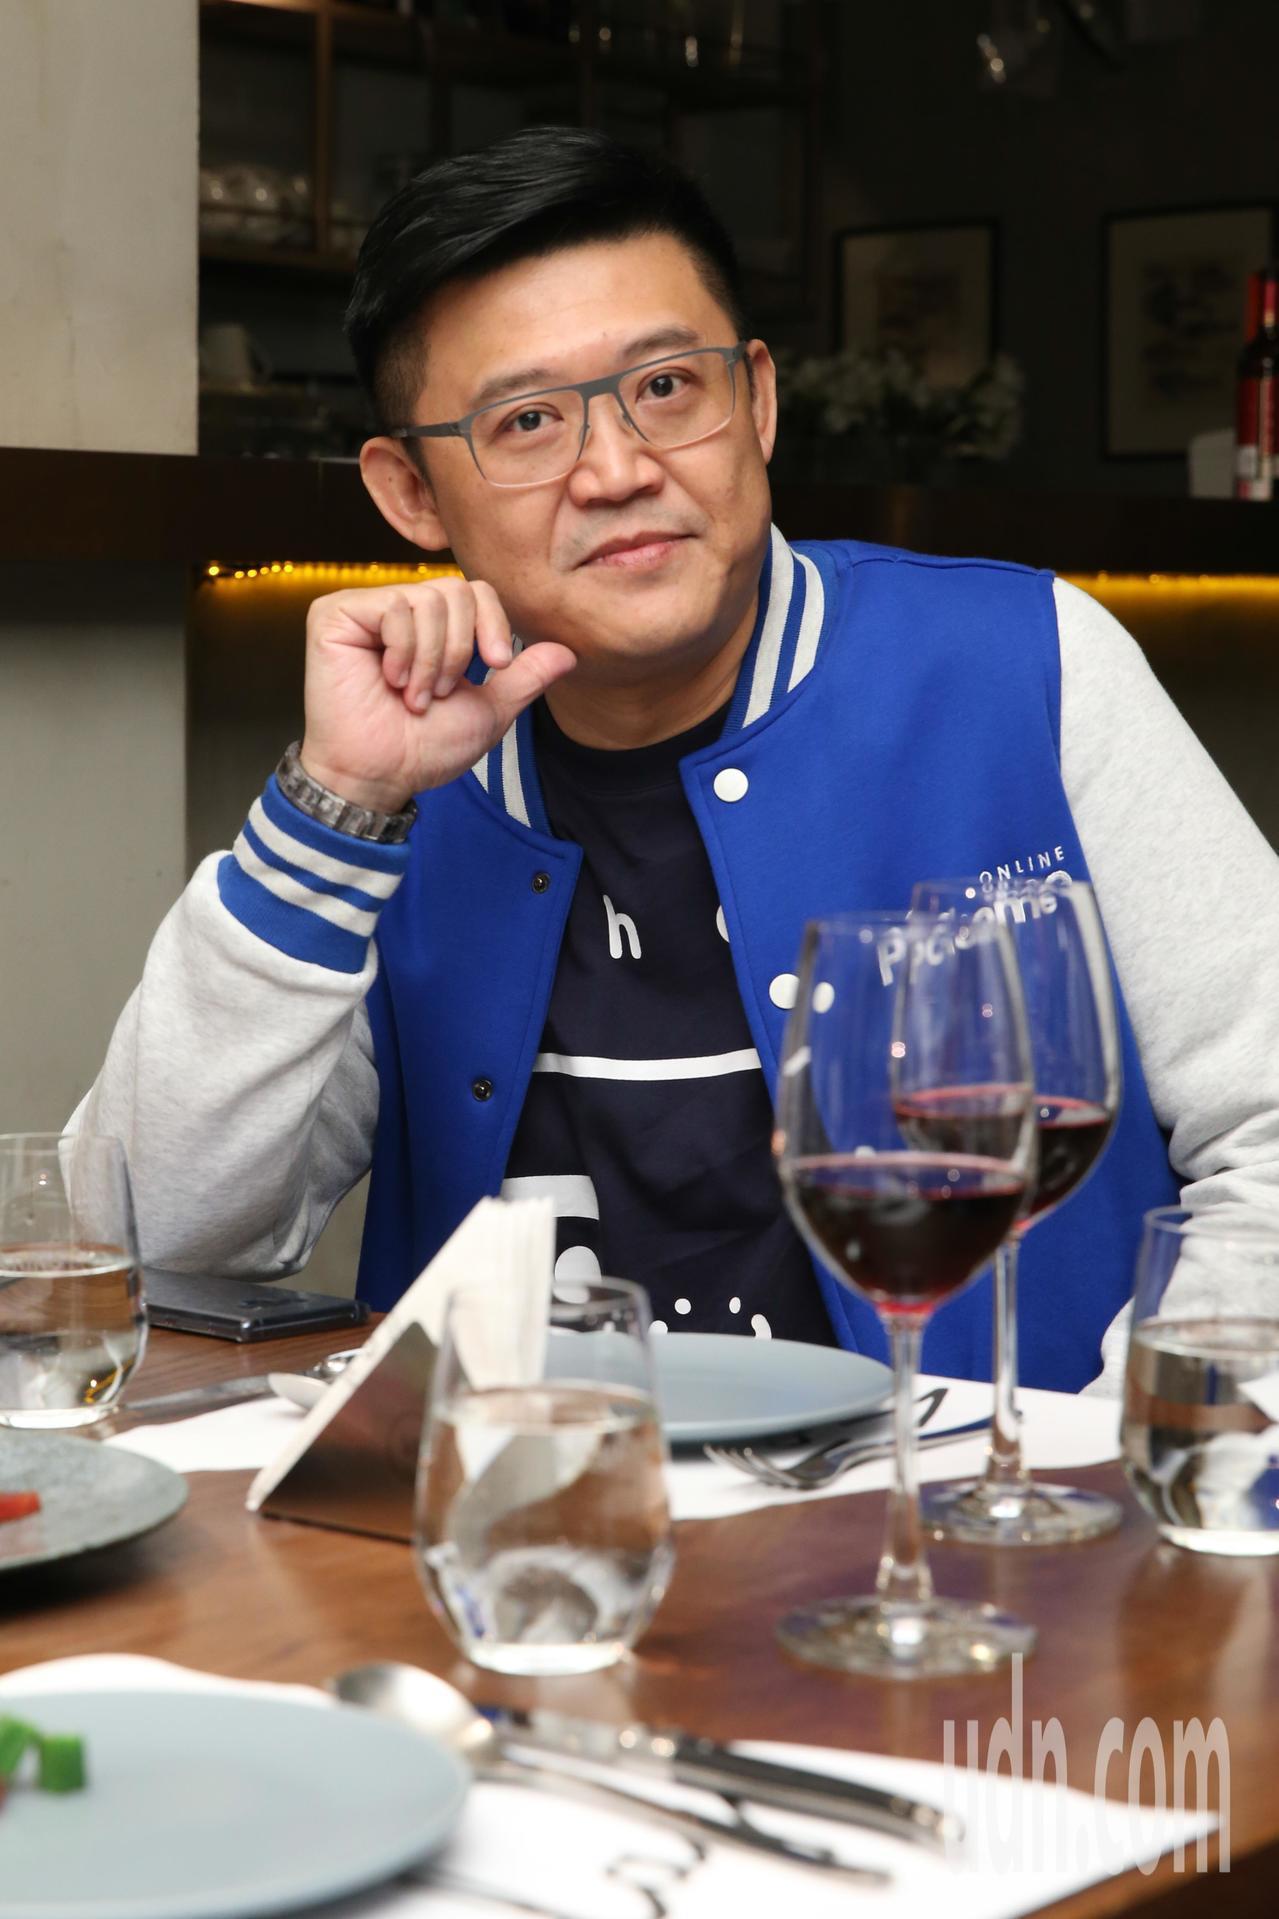 網家董事長詹宏志、網家總經理蔡凱文(圖)下午一同出席記者會,聊雙11電商戰略布局...